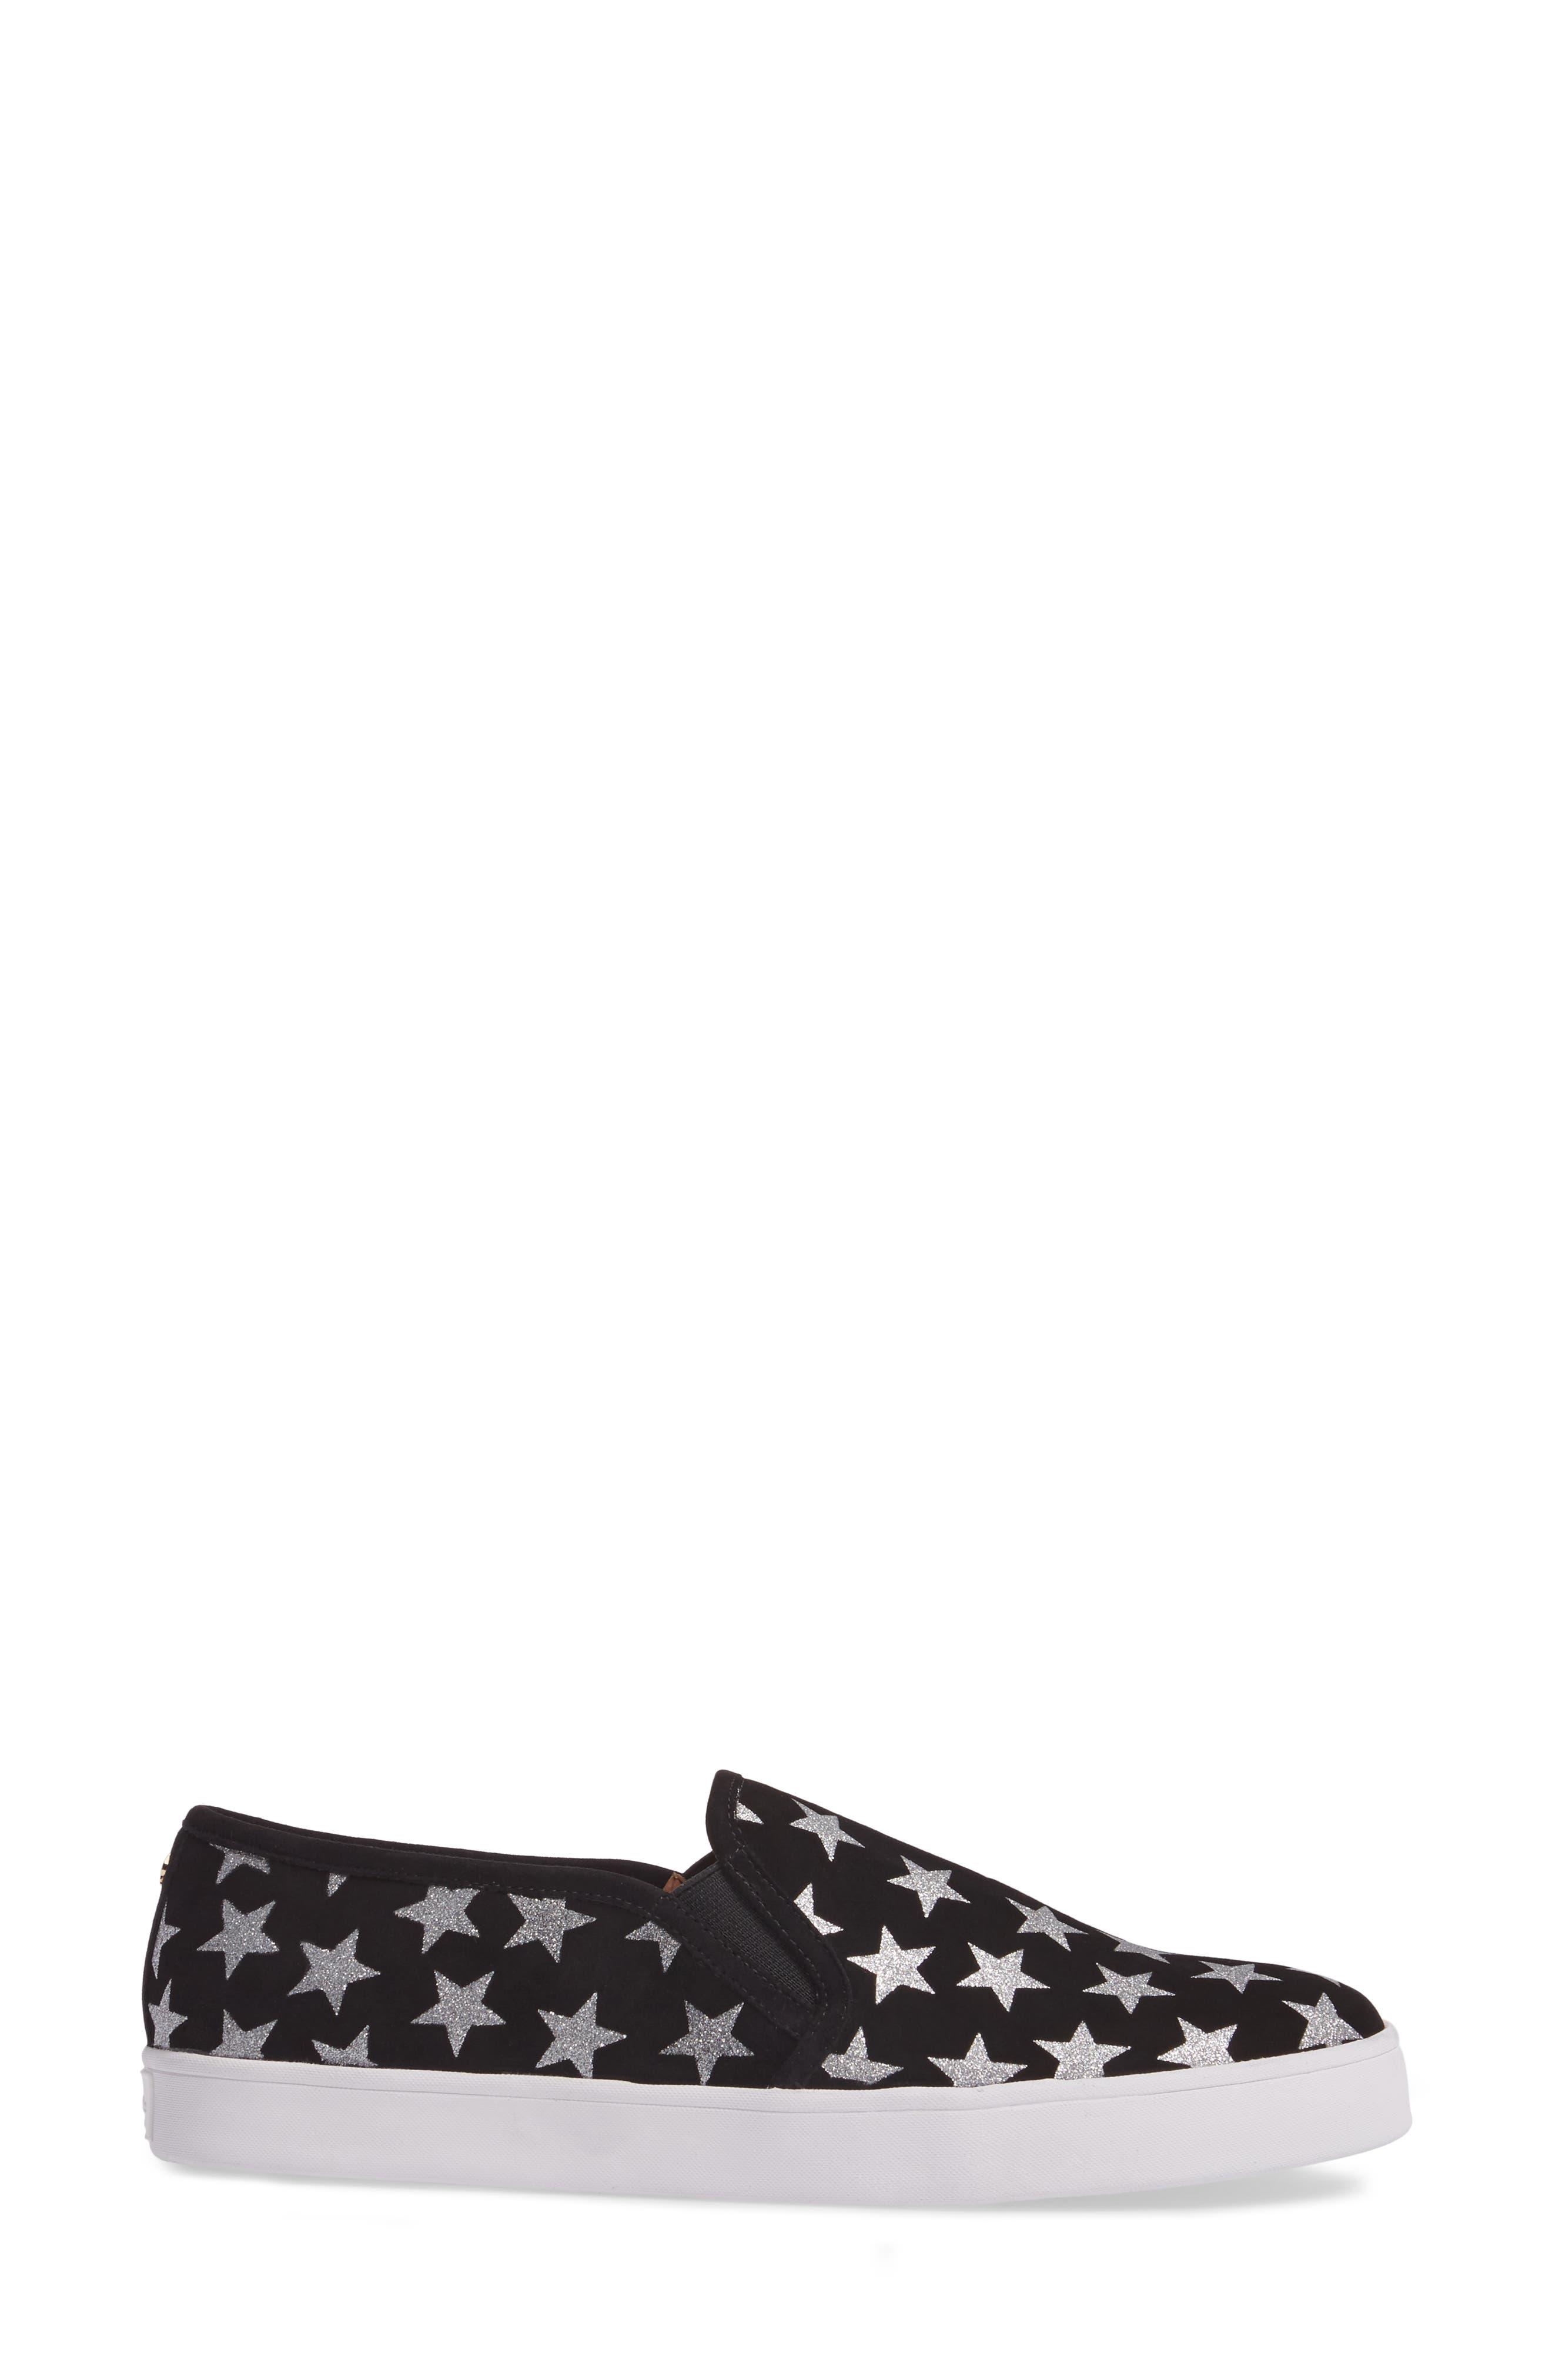 liberty slip-on sneaker,                             Alternate thumbnail 3, color,                             002